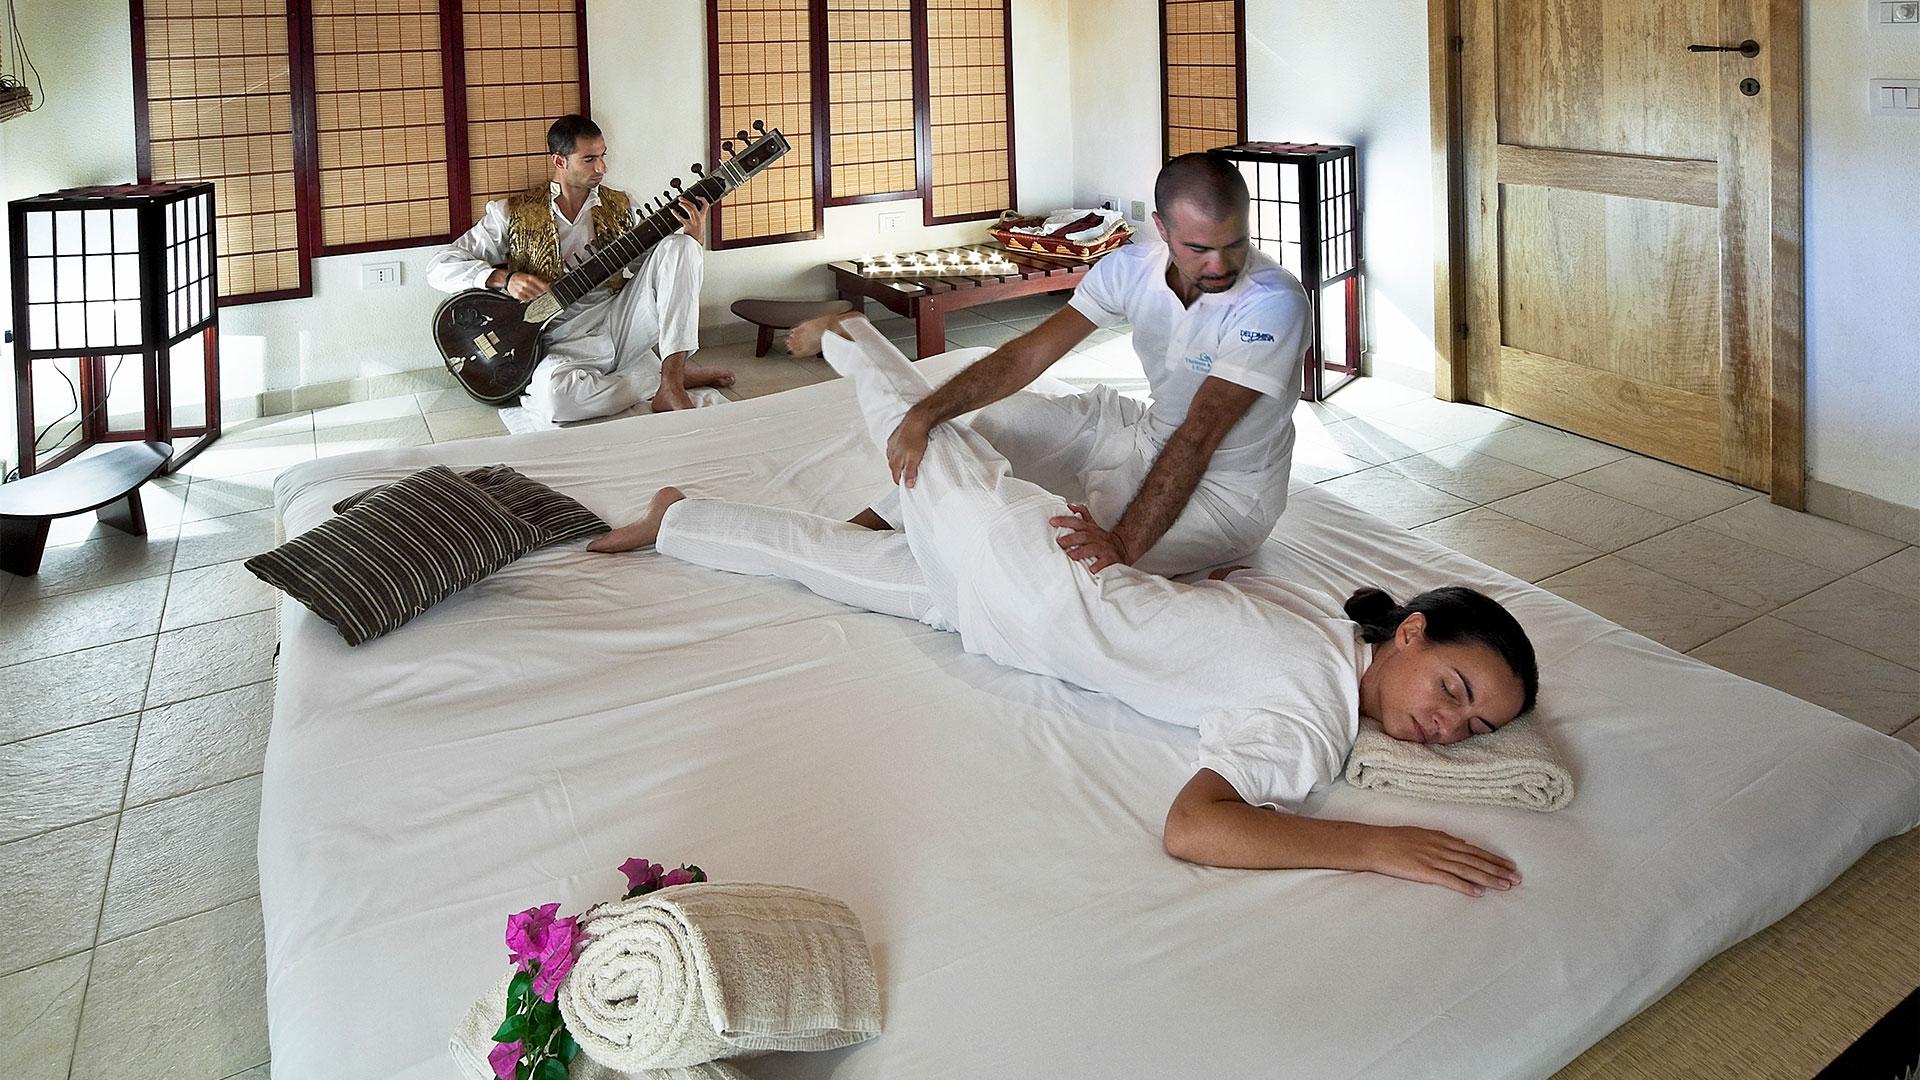 hotel-marinedda-slider-thalasso-trattamenti-shiatzu-sardegna-isola-rossa-1